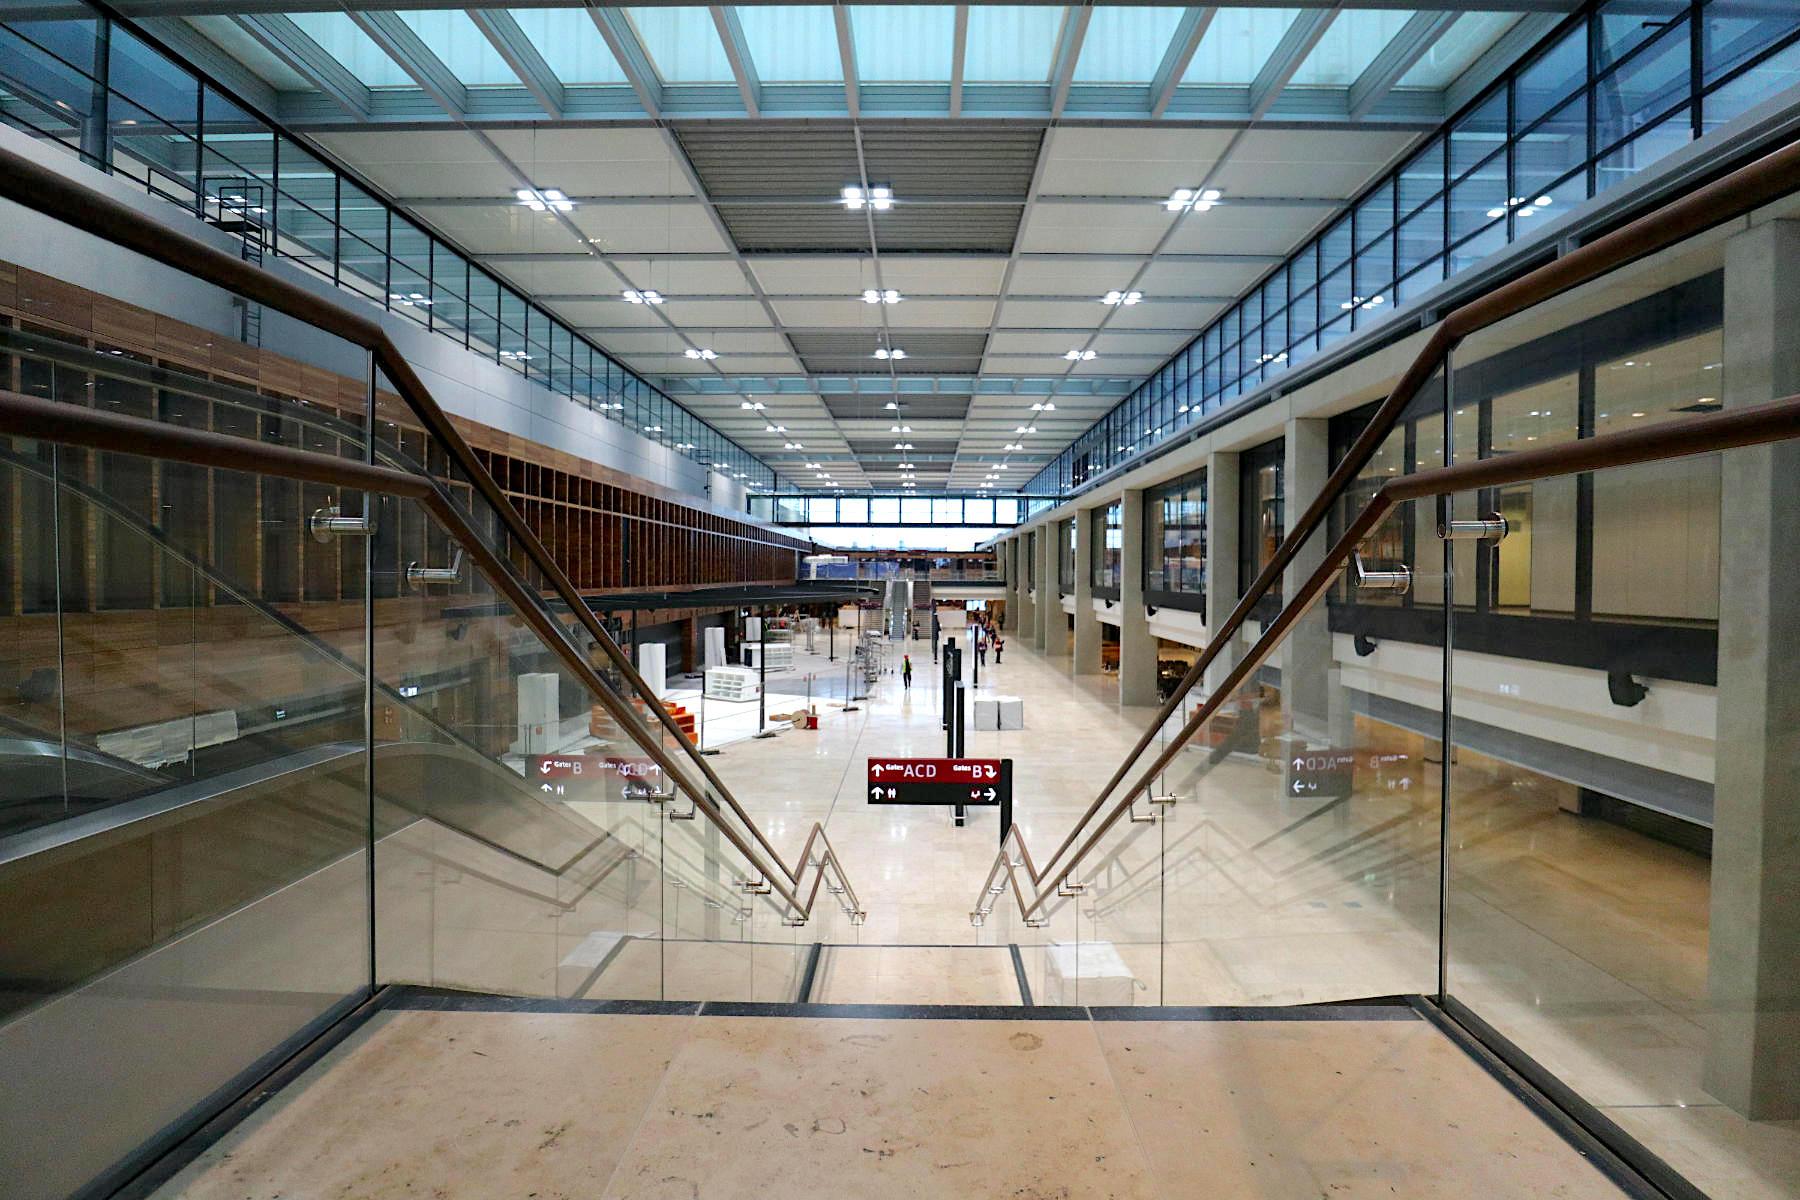 Flughafen Berlin Brandenburg BER. Am Mainpier gibt es 16 Fluggastbrücken.